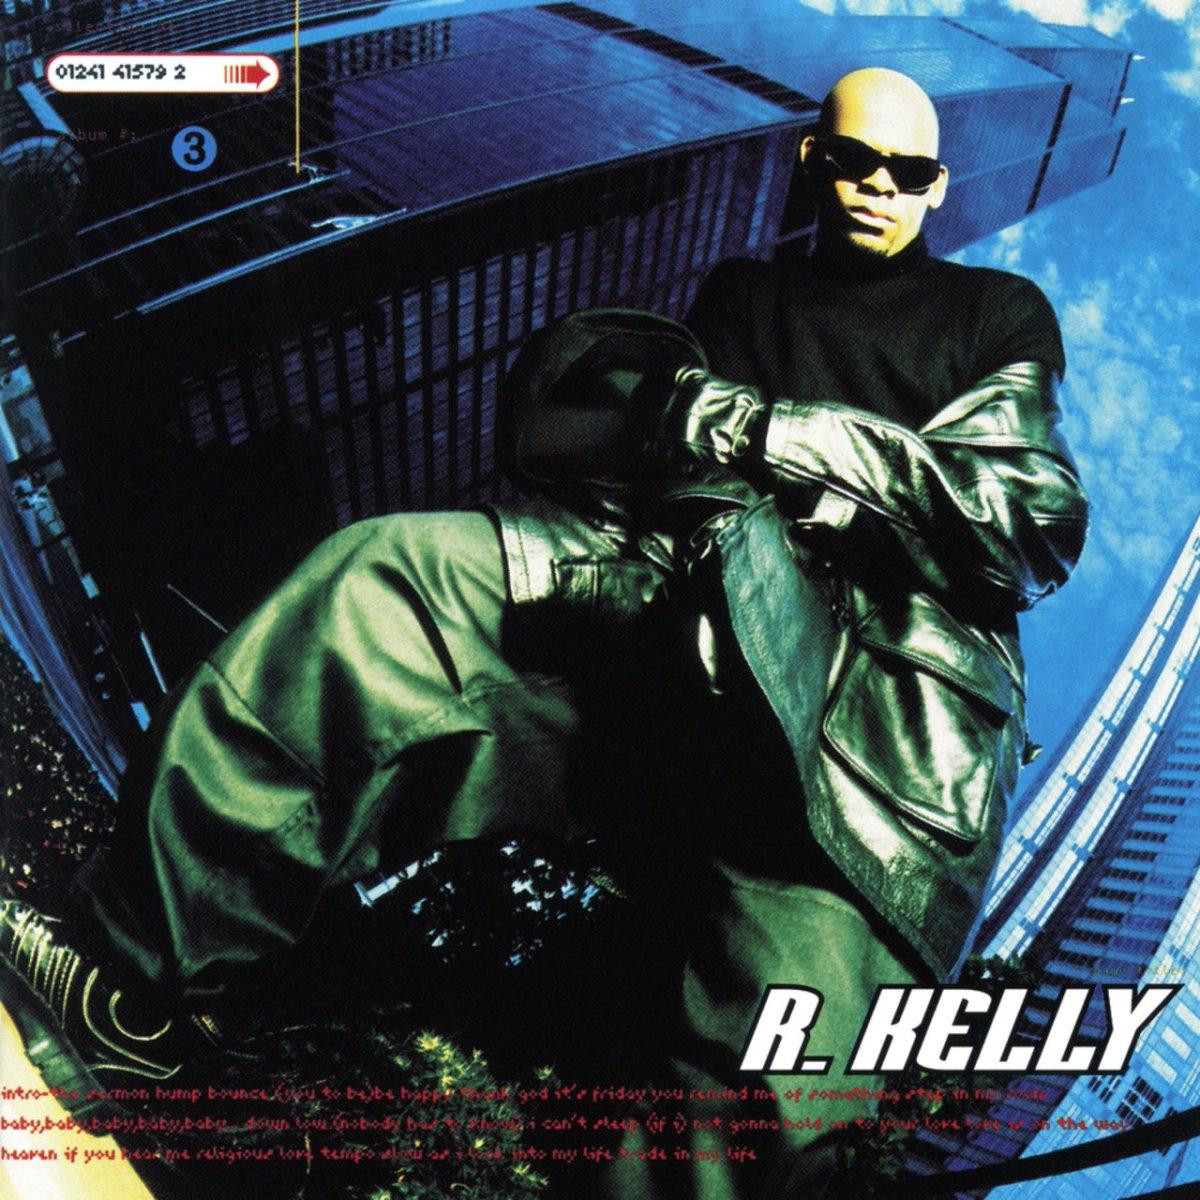 R. Kelly - R. Kelly (Cover)